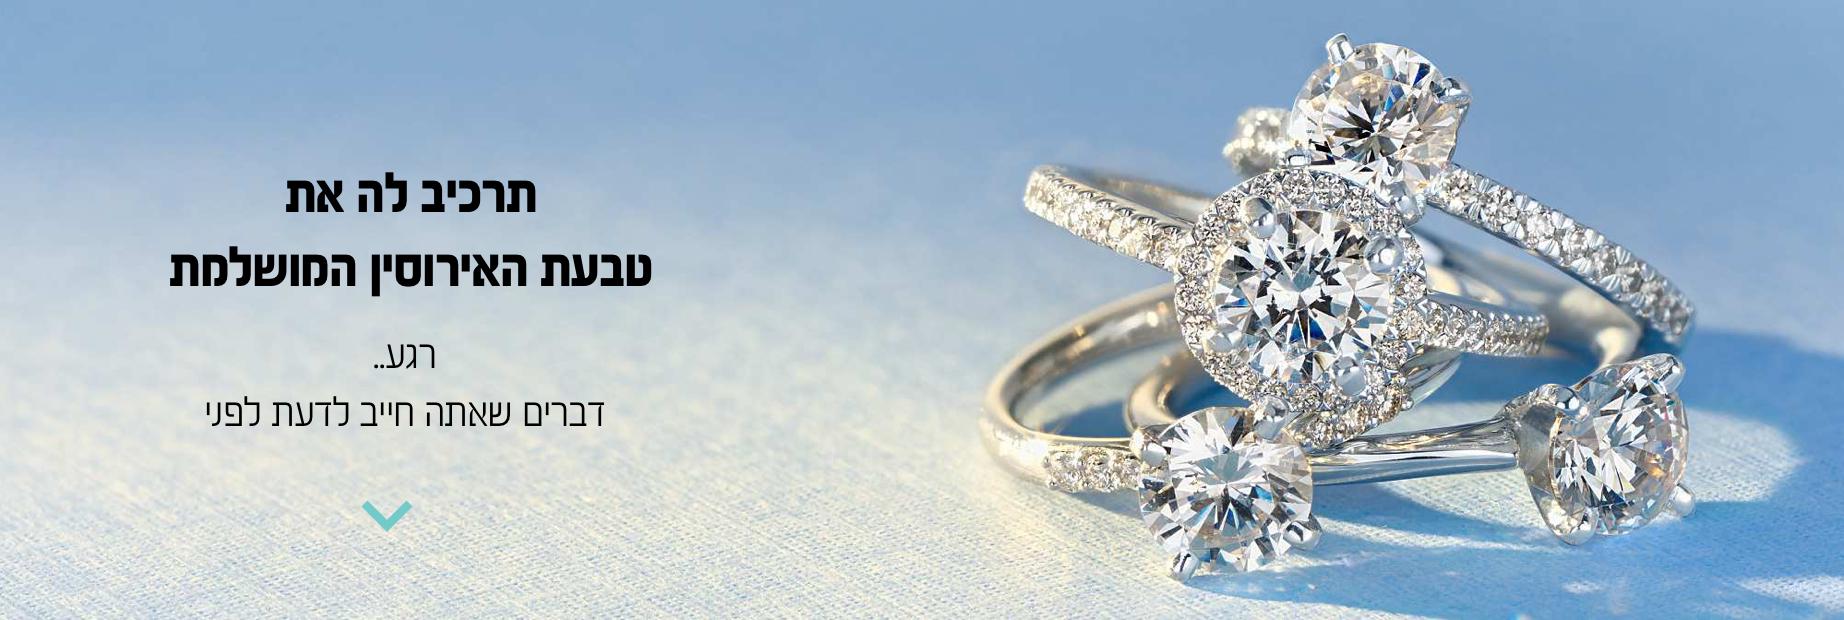 10 טיפים חשובים לרכישת טבעת אירוסין